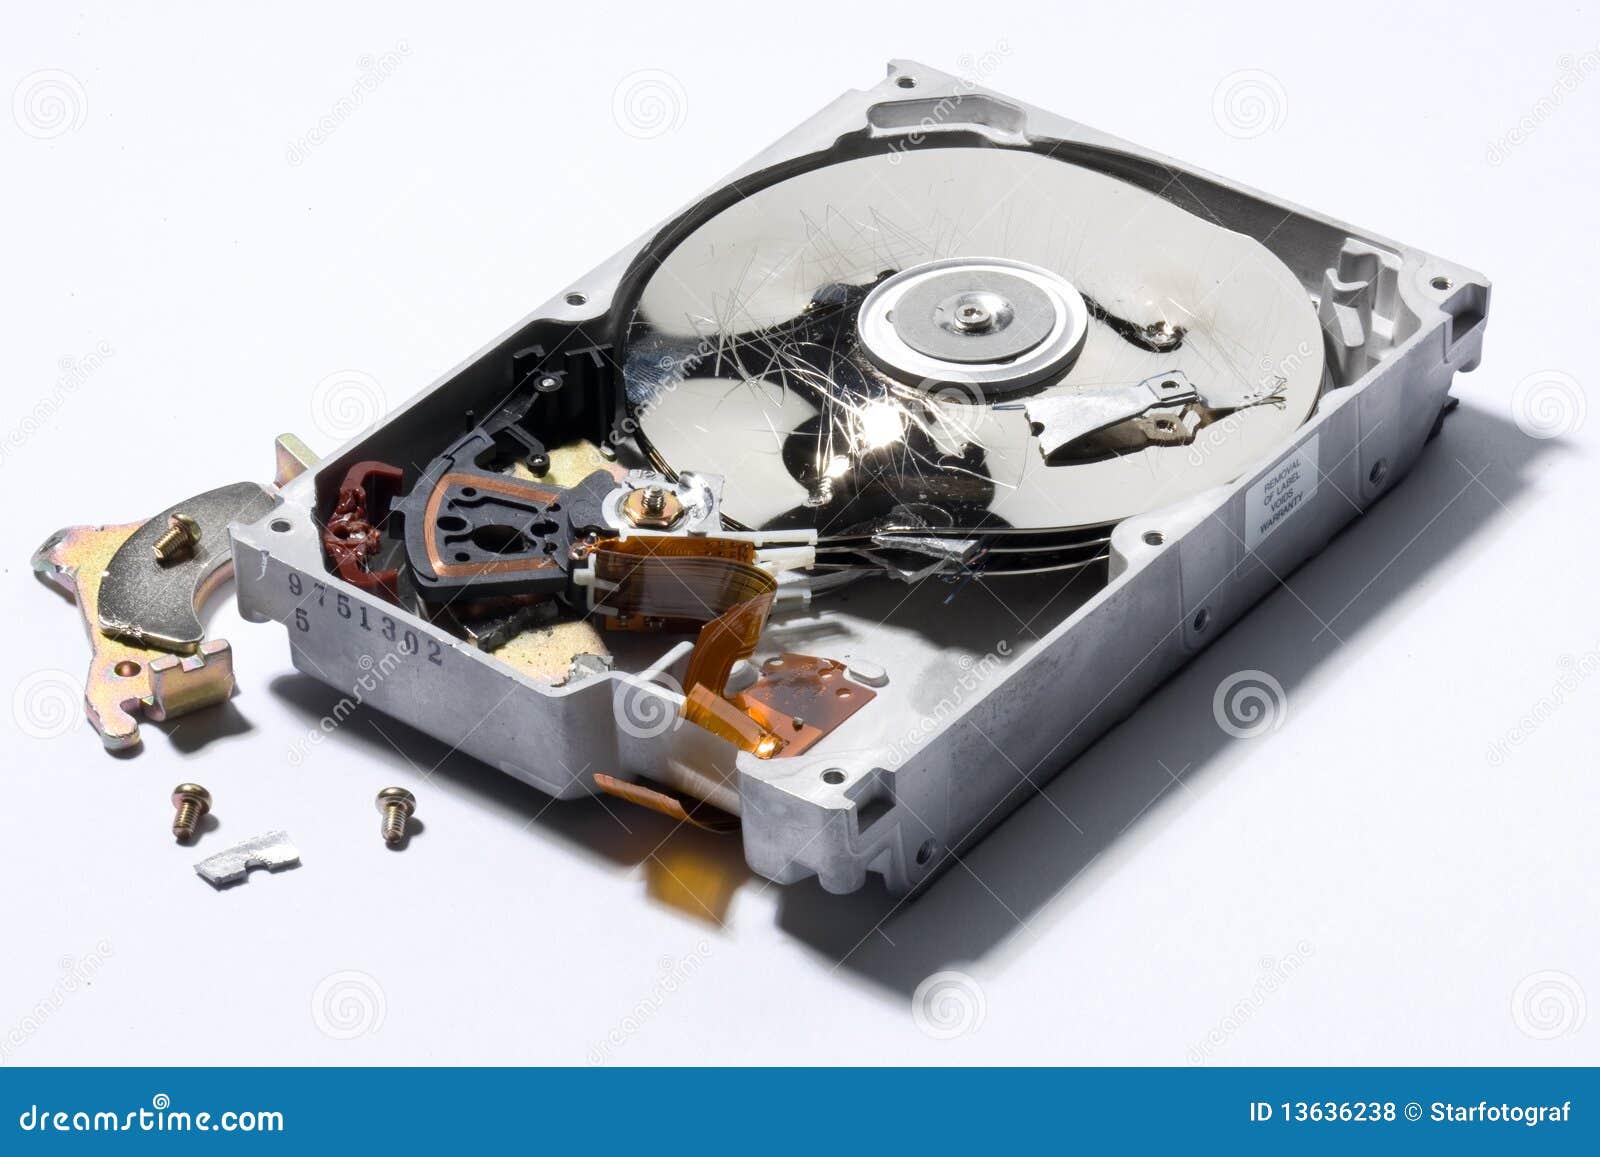 how to repair read generic disk